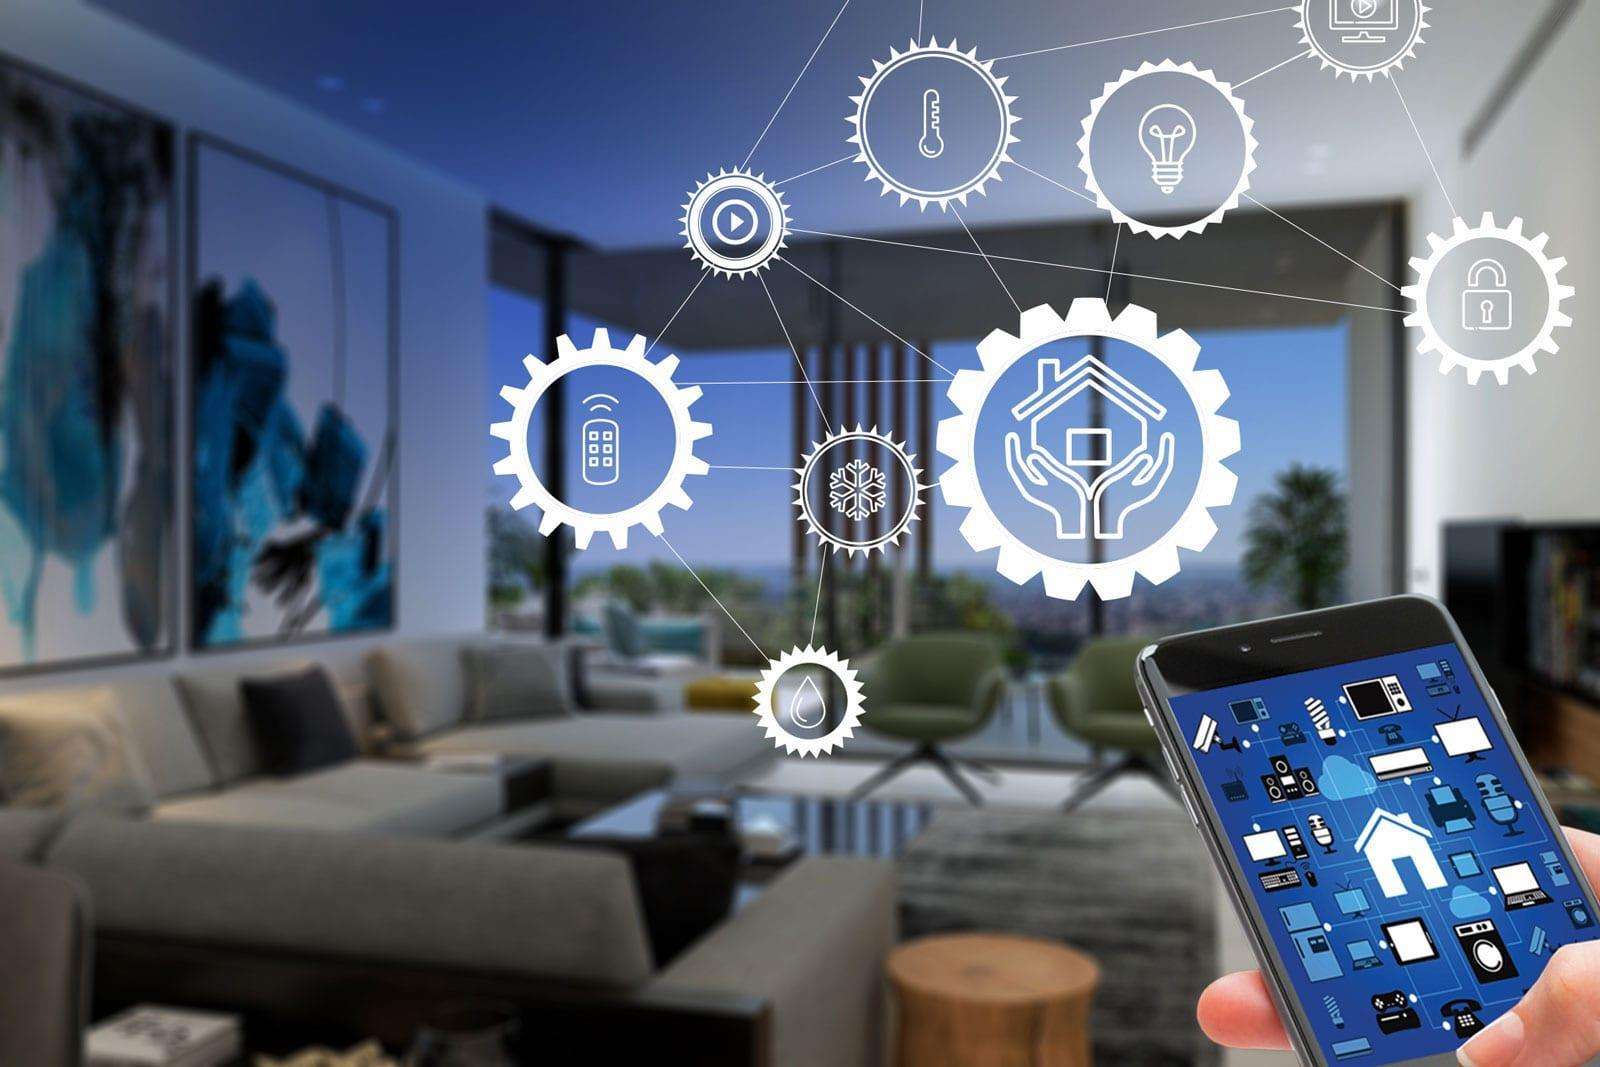 Американские IT-гиганты разработают единую сеть управления «умным домом» (smart home photo)